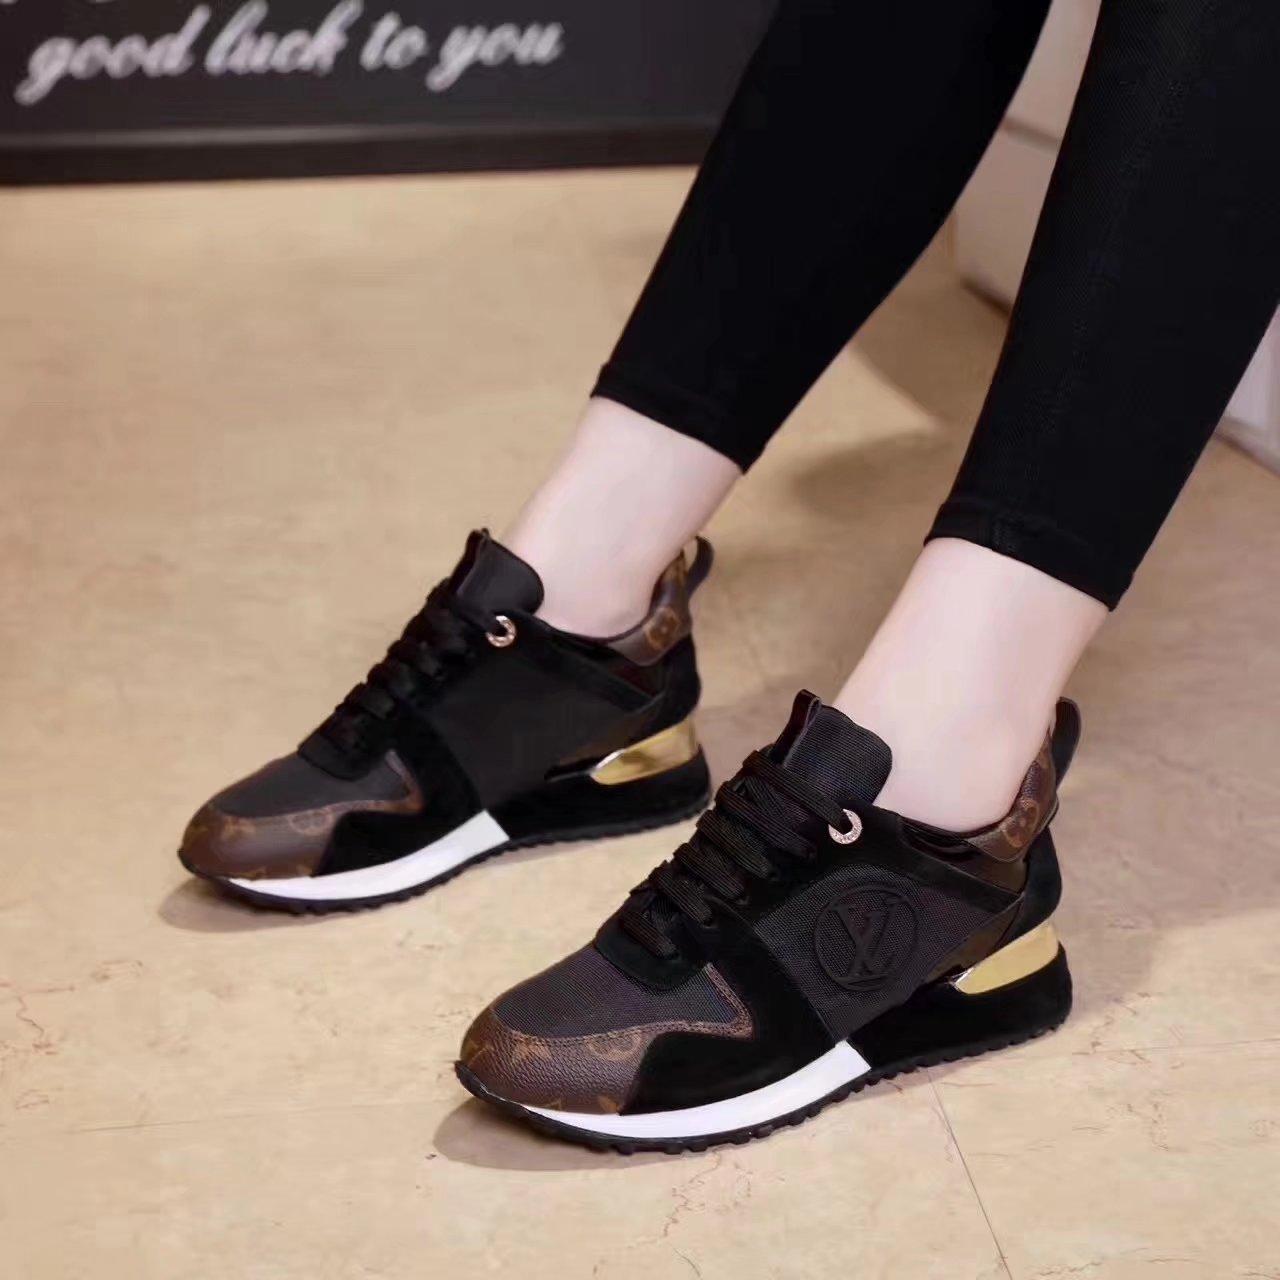 45027edd6399 chaussures louis vuitton noir et violet,chaussure louis vuitton prix shop,chaussures  louis vuitton femme pas cher